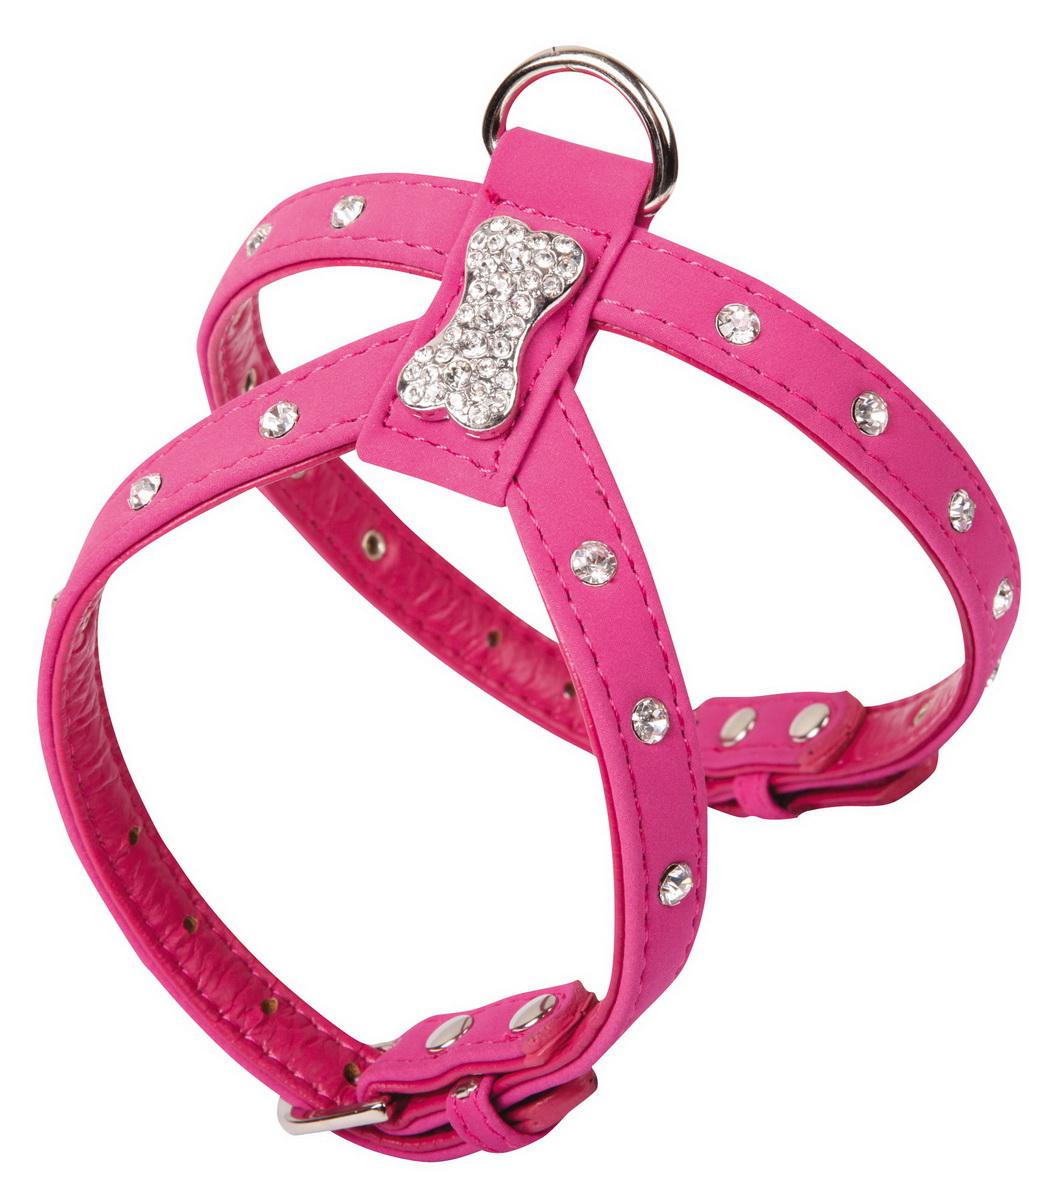 Шлейка для собак Dezzie, цвет: розовый, обхват шеи 20-26 см, обхват груди 28-34 см. Размер M. 56240795624079Шлейка Dezzie, изготовленная из бархата и украшенная металлической вставкой в виде косточки и стразами подходит для собак средних пород. Крепкие металлические элементы делают ее надежной и долговечной. Шлейка - это альтернатива ошейнику. Правильно подобранная шлейка не стесняет движения питомца, не натирает кожу, поэтому животное чувствует себя в ней уверенно и комфортно. Изделие отличается высоким качеством, удобством и универсальностью. Имеется металлическое кольцо для крепления поводка. Размер регулируется при помощи пряжек.Обхват шеи: 20-26 см. Обхват груди: 28-34 см.